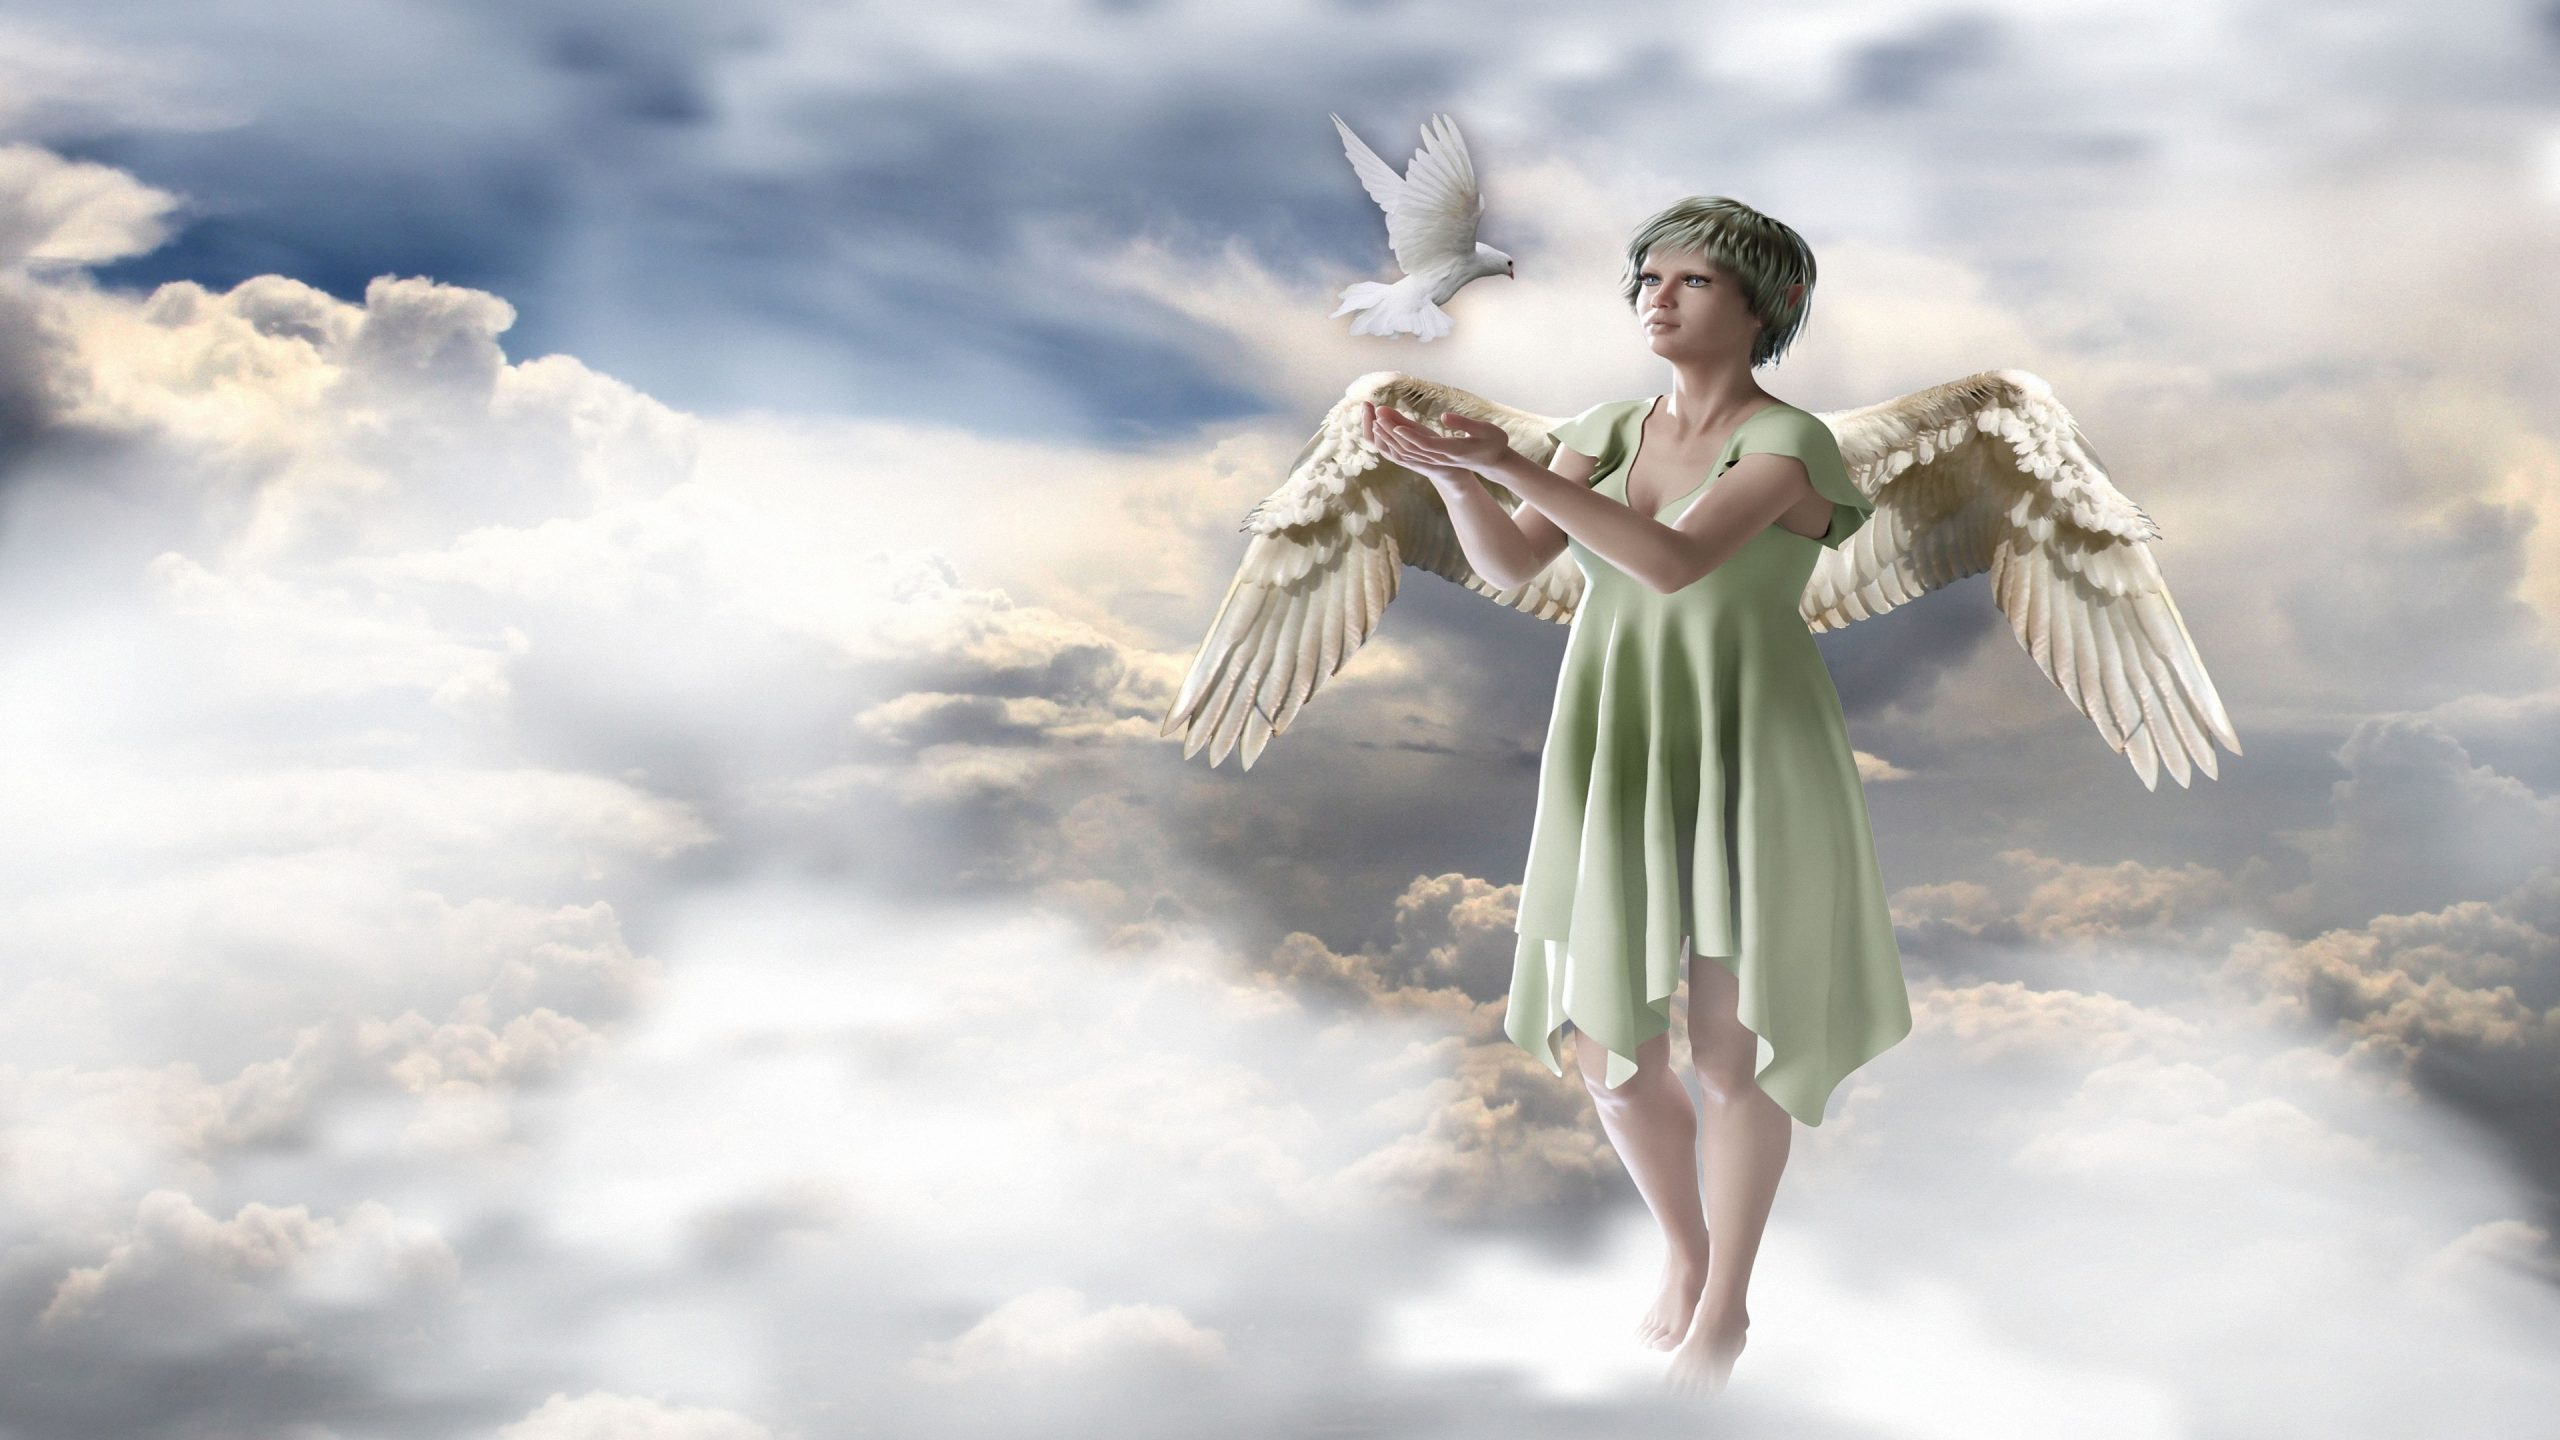 Schutzengel Hintergrundbilder Kostenlos über Engelbilder Kostenlos